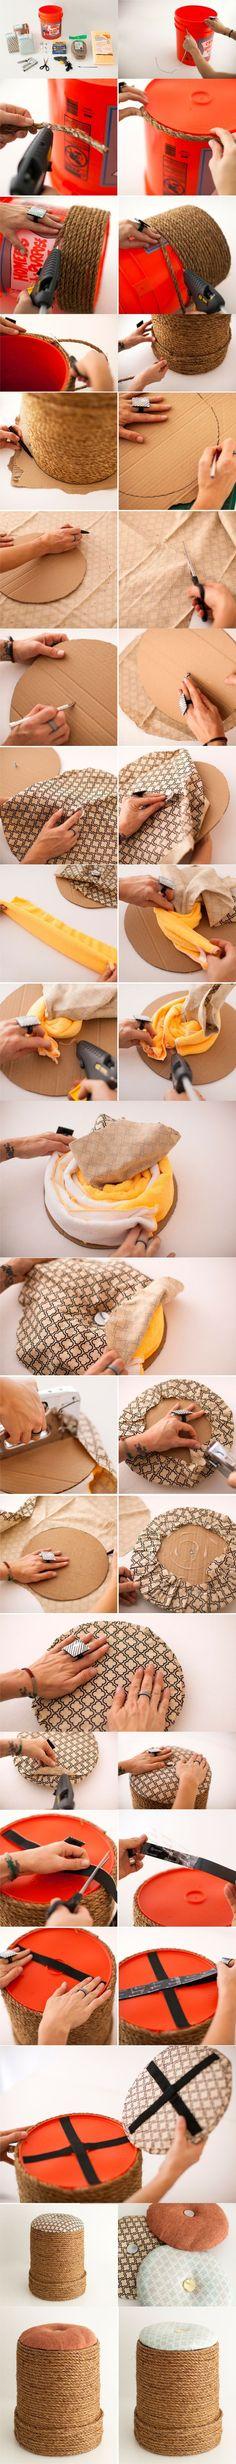 cesto - bordado con cuerda - cocina - baño: